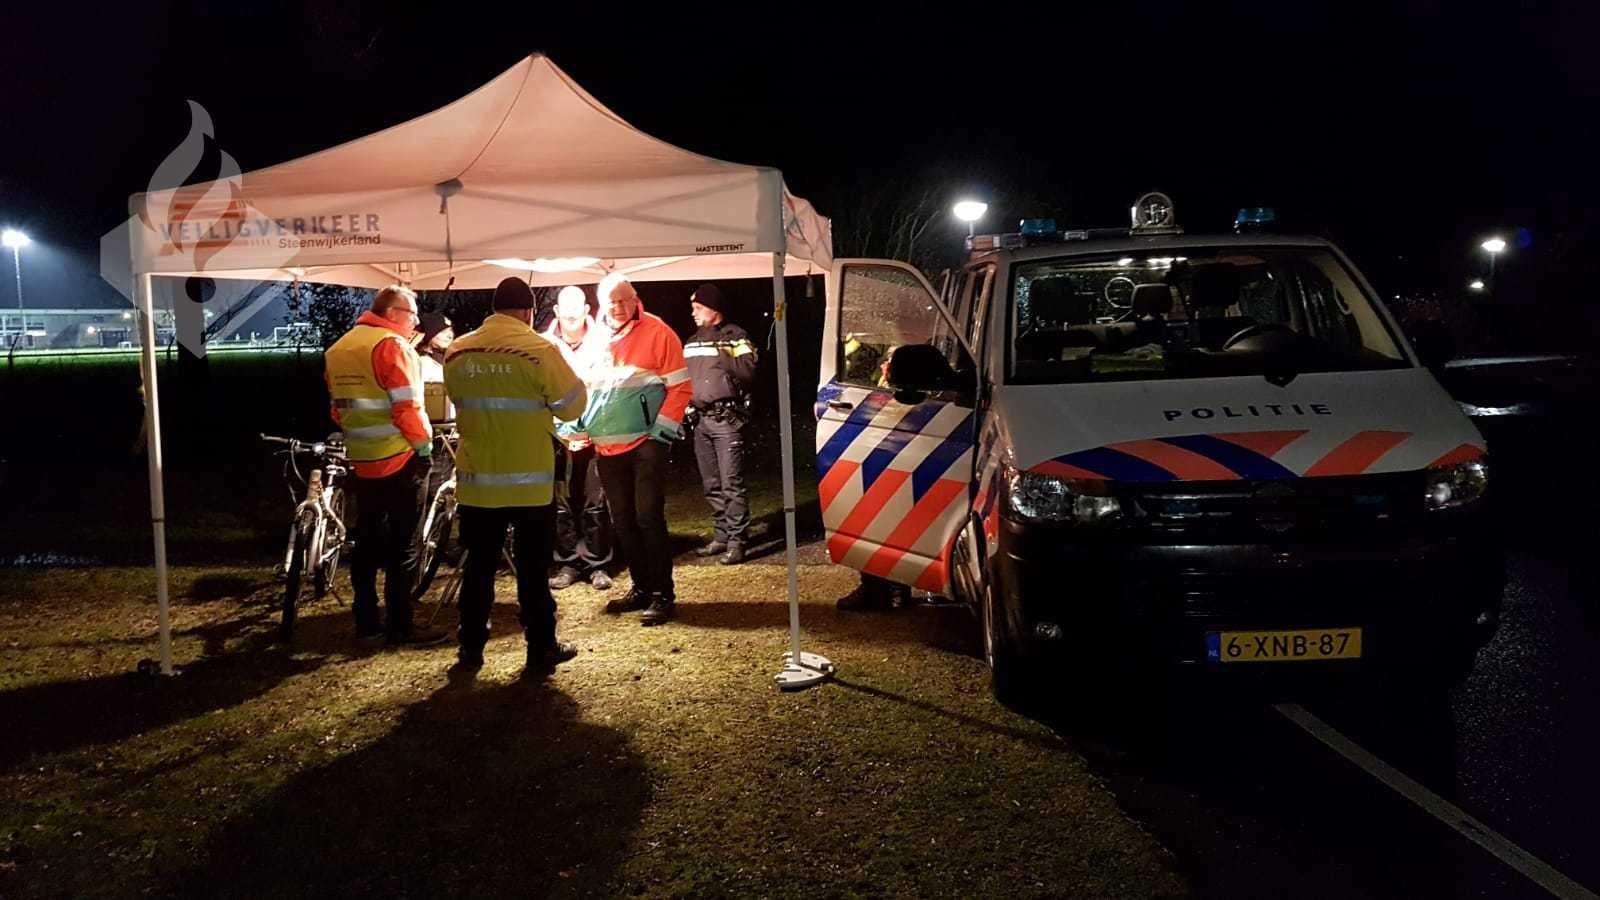 Twaalf fietsers kregen in Steenwijk een bon, omdat ze hun verlichting niet voor elkaar hadden. Mensen van Veilig Verkeer Nederland repareerden ter plekke de verlichting van zeventien fietsers.